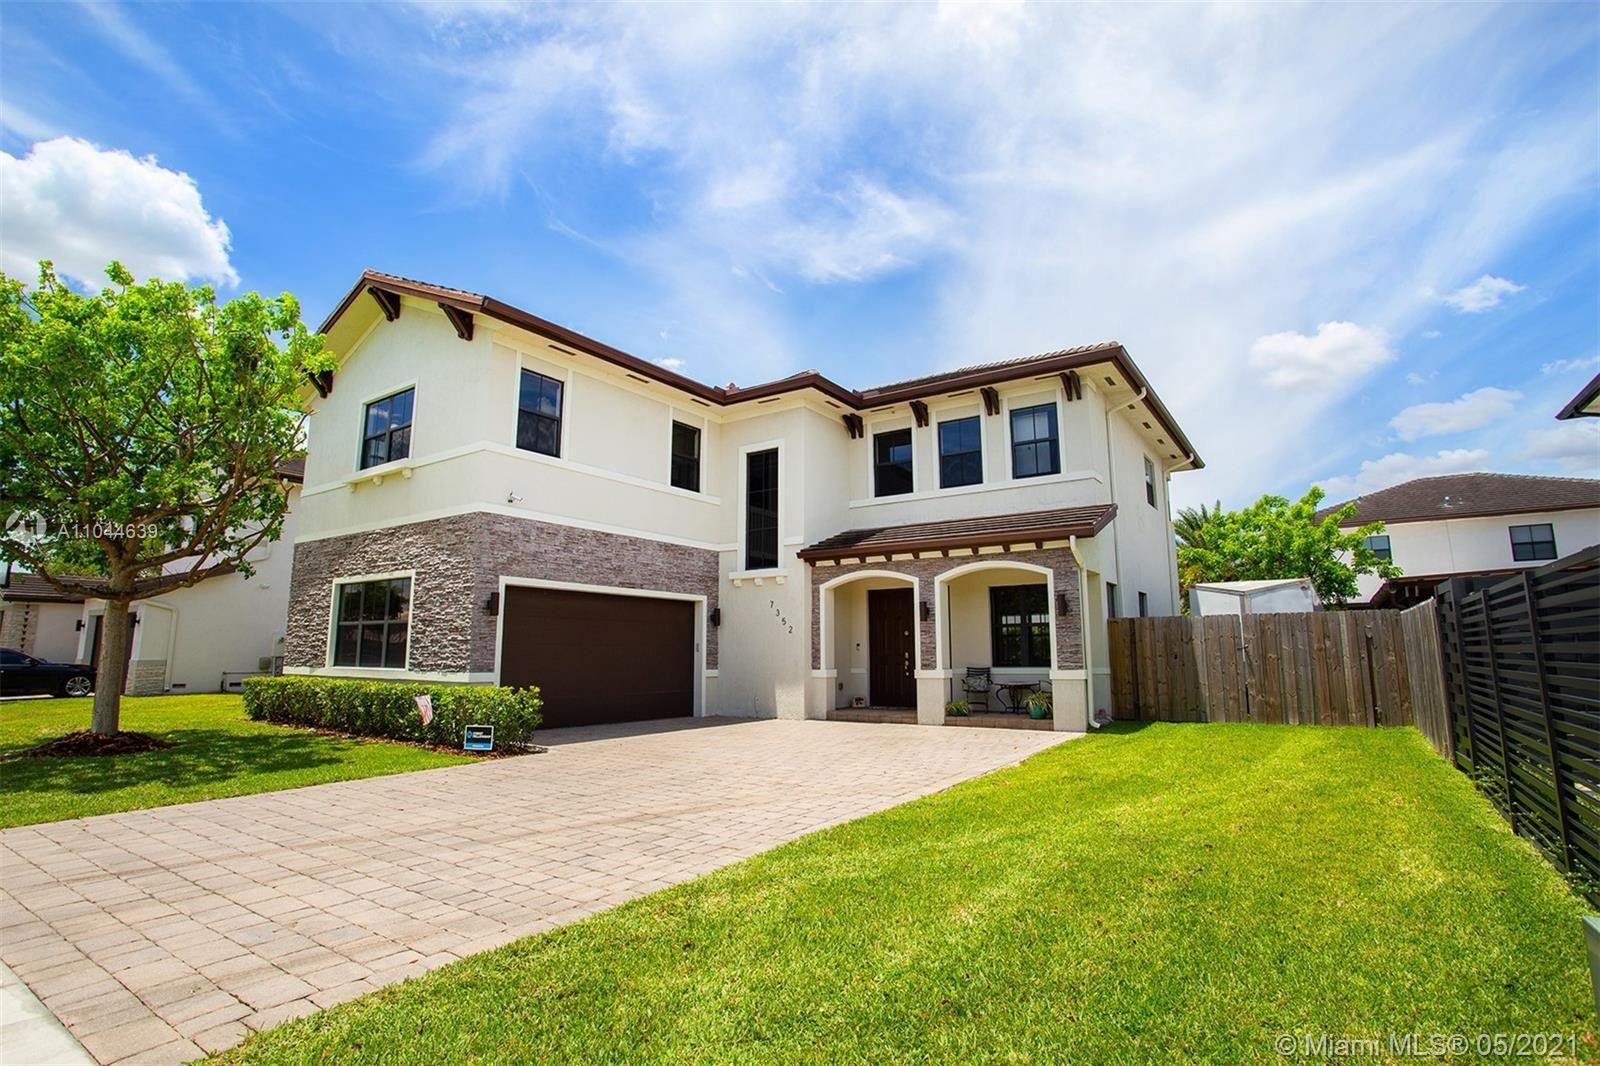 7352 SW 163rd Ct, Miami, FL 33193 - #: A11044639